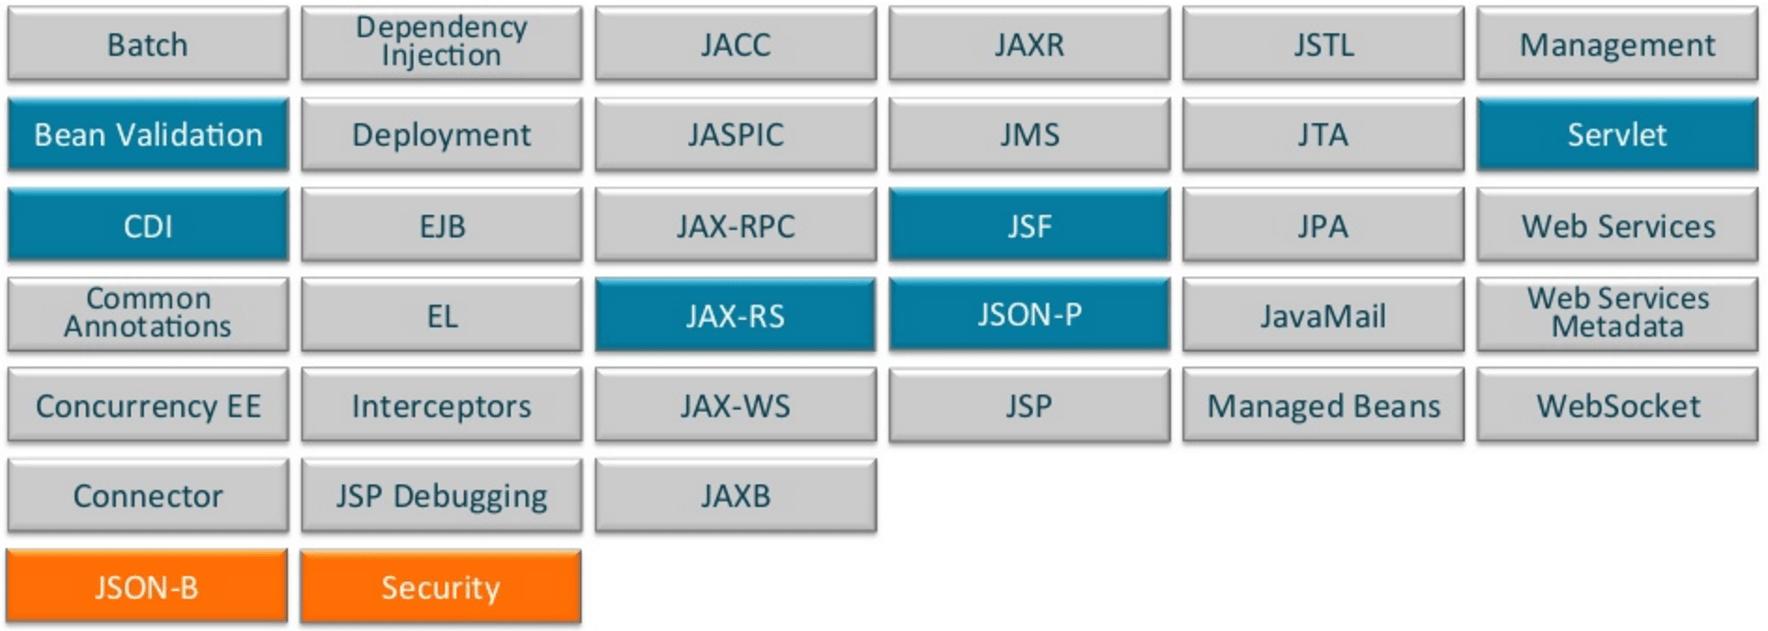 Java EE: Past, Present & Future